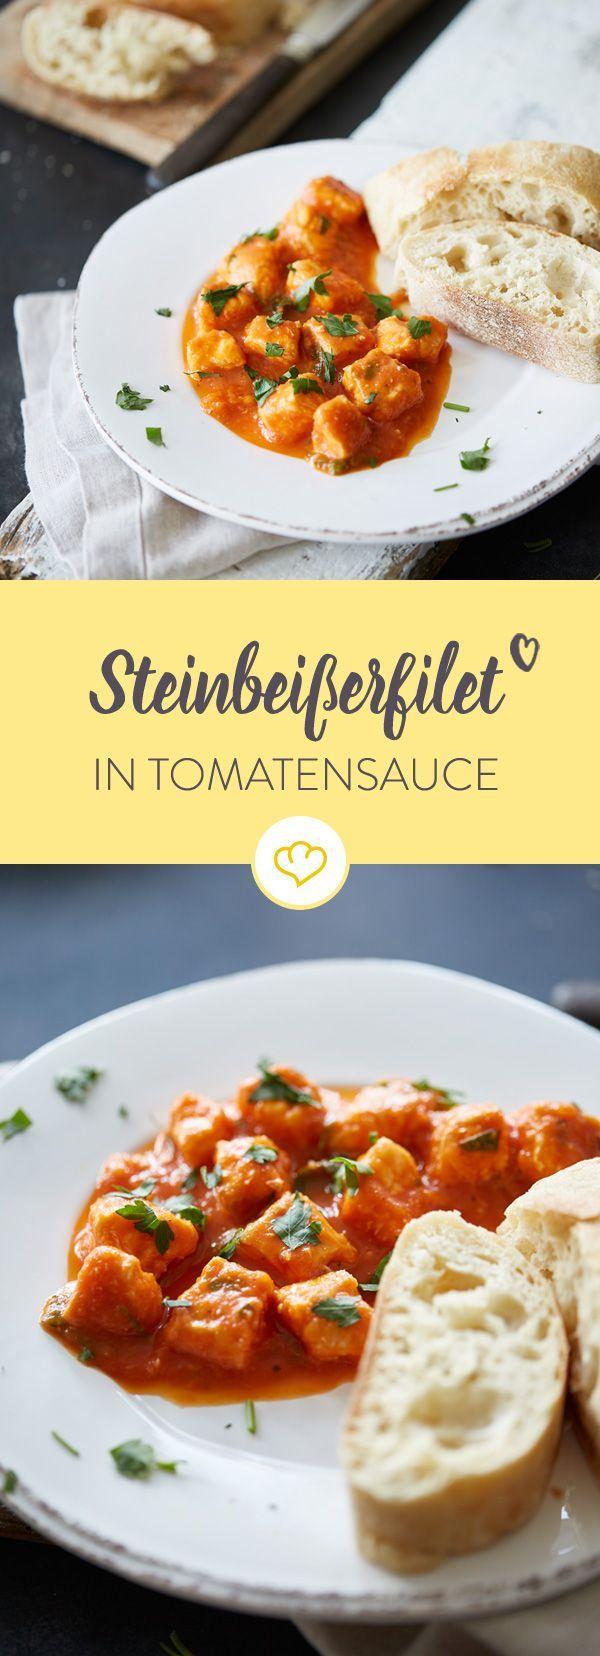 Ein mediterranes Gericht für gesellige Tapas-Abende: Das schmackhafte Fleisch des Steinbeißers harmoniert bestens mit der fruchtigen Pfirsich-Tomatensauce.